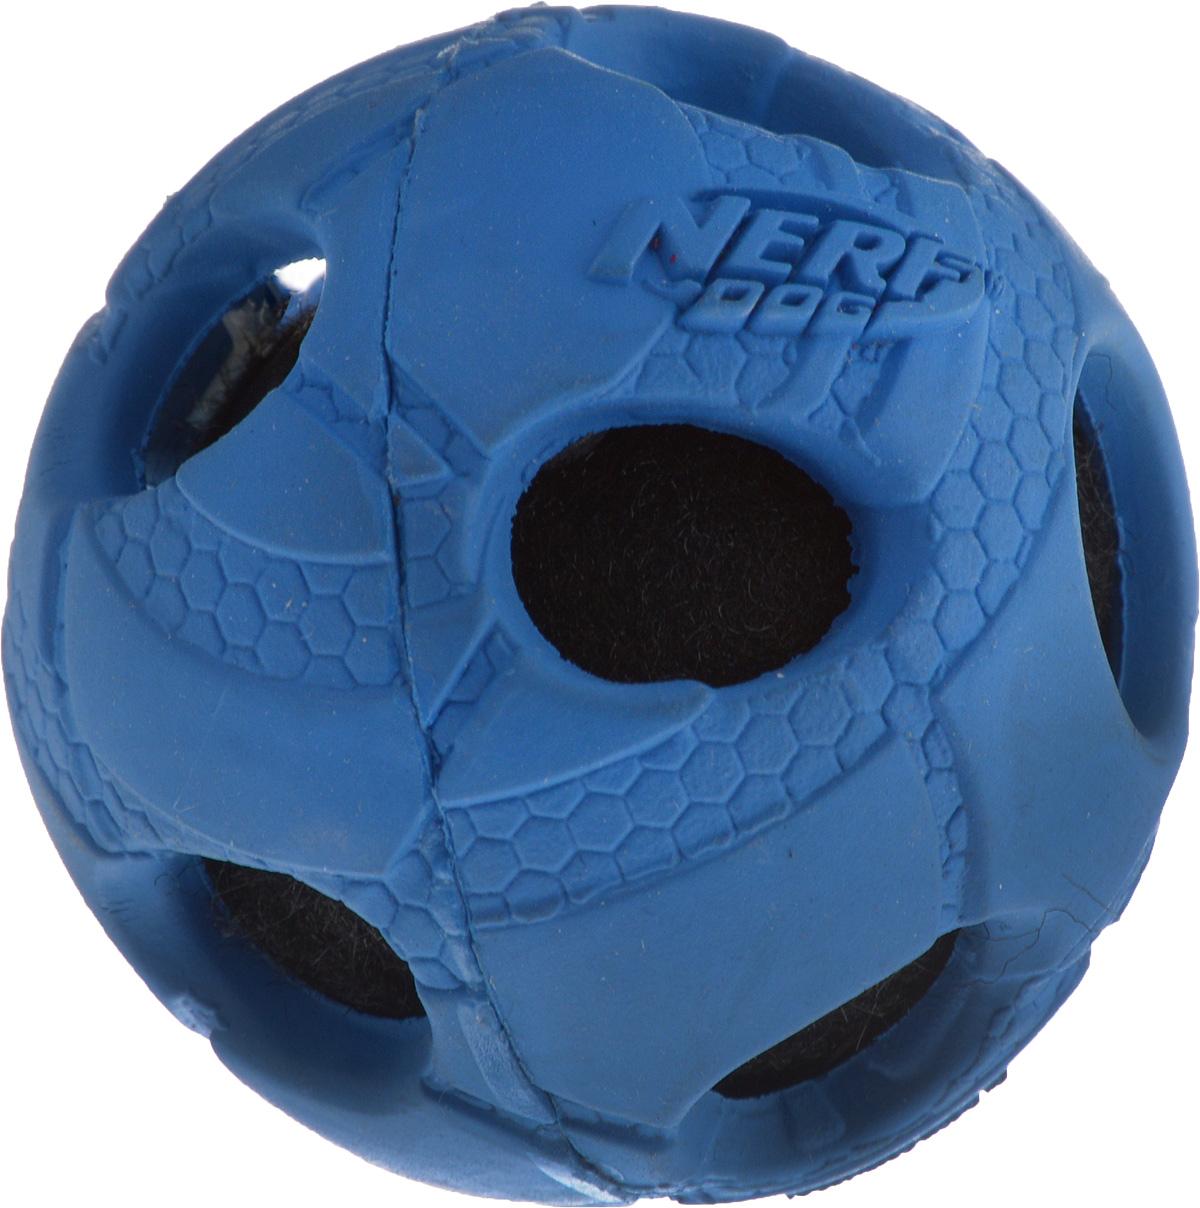 Игрушка для собак Nerf Мяч с отверстиями, диаметр 5 см